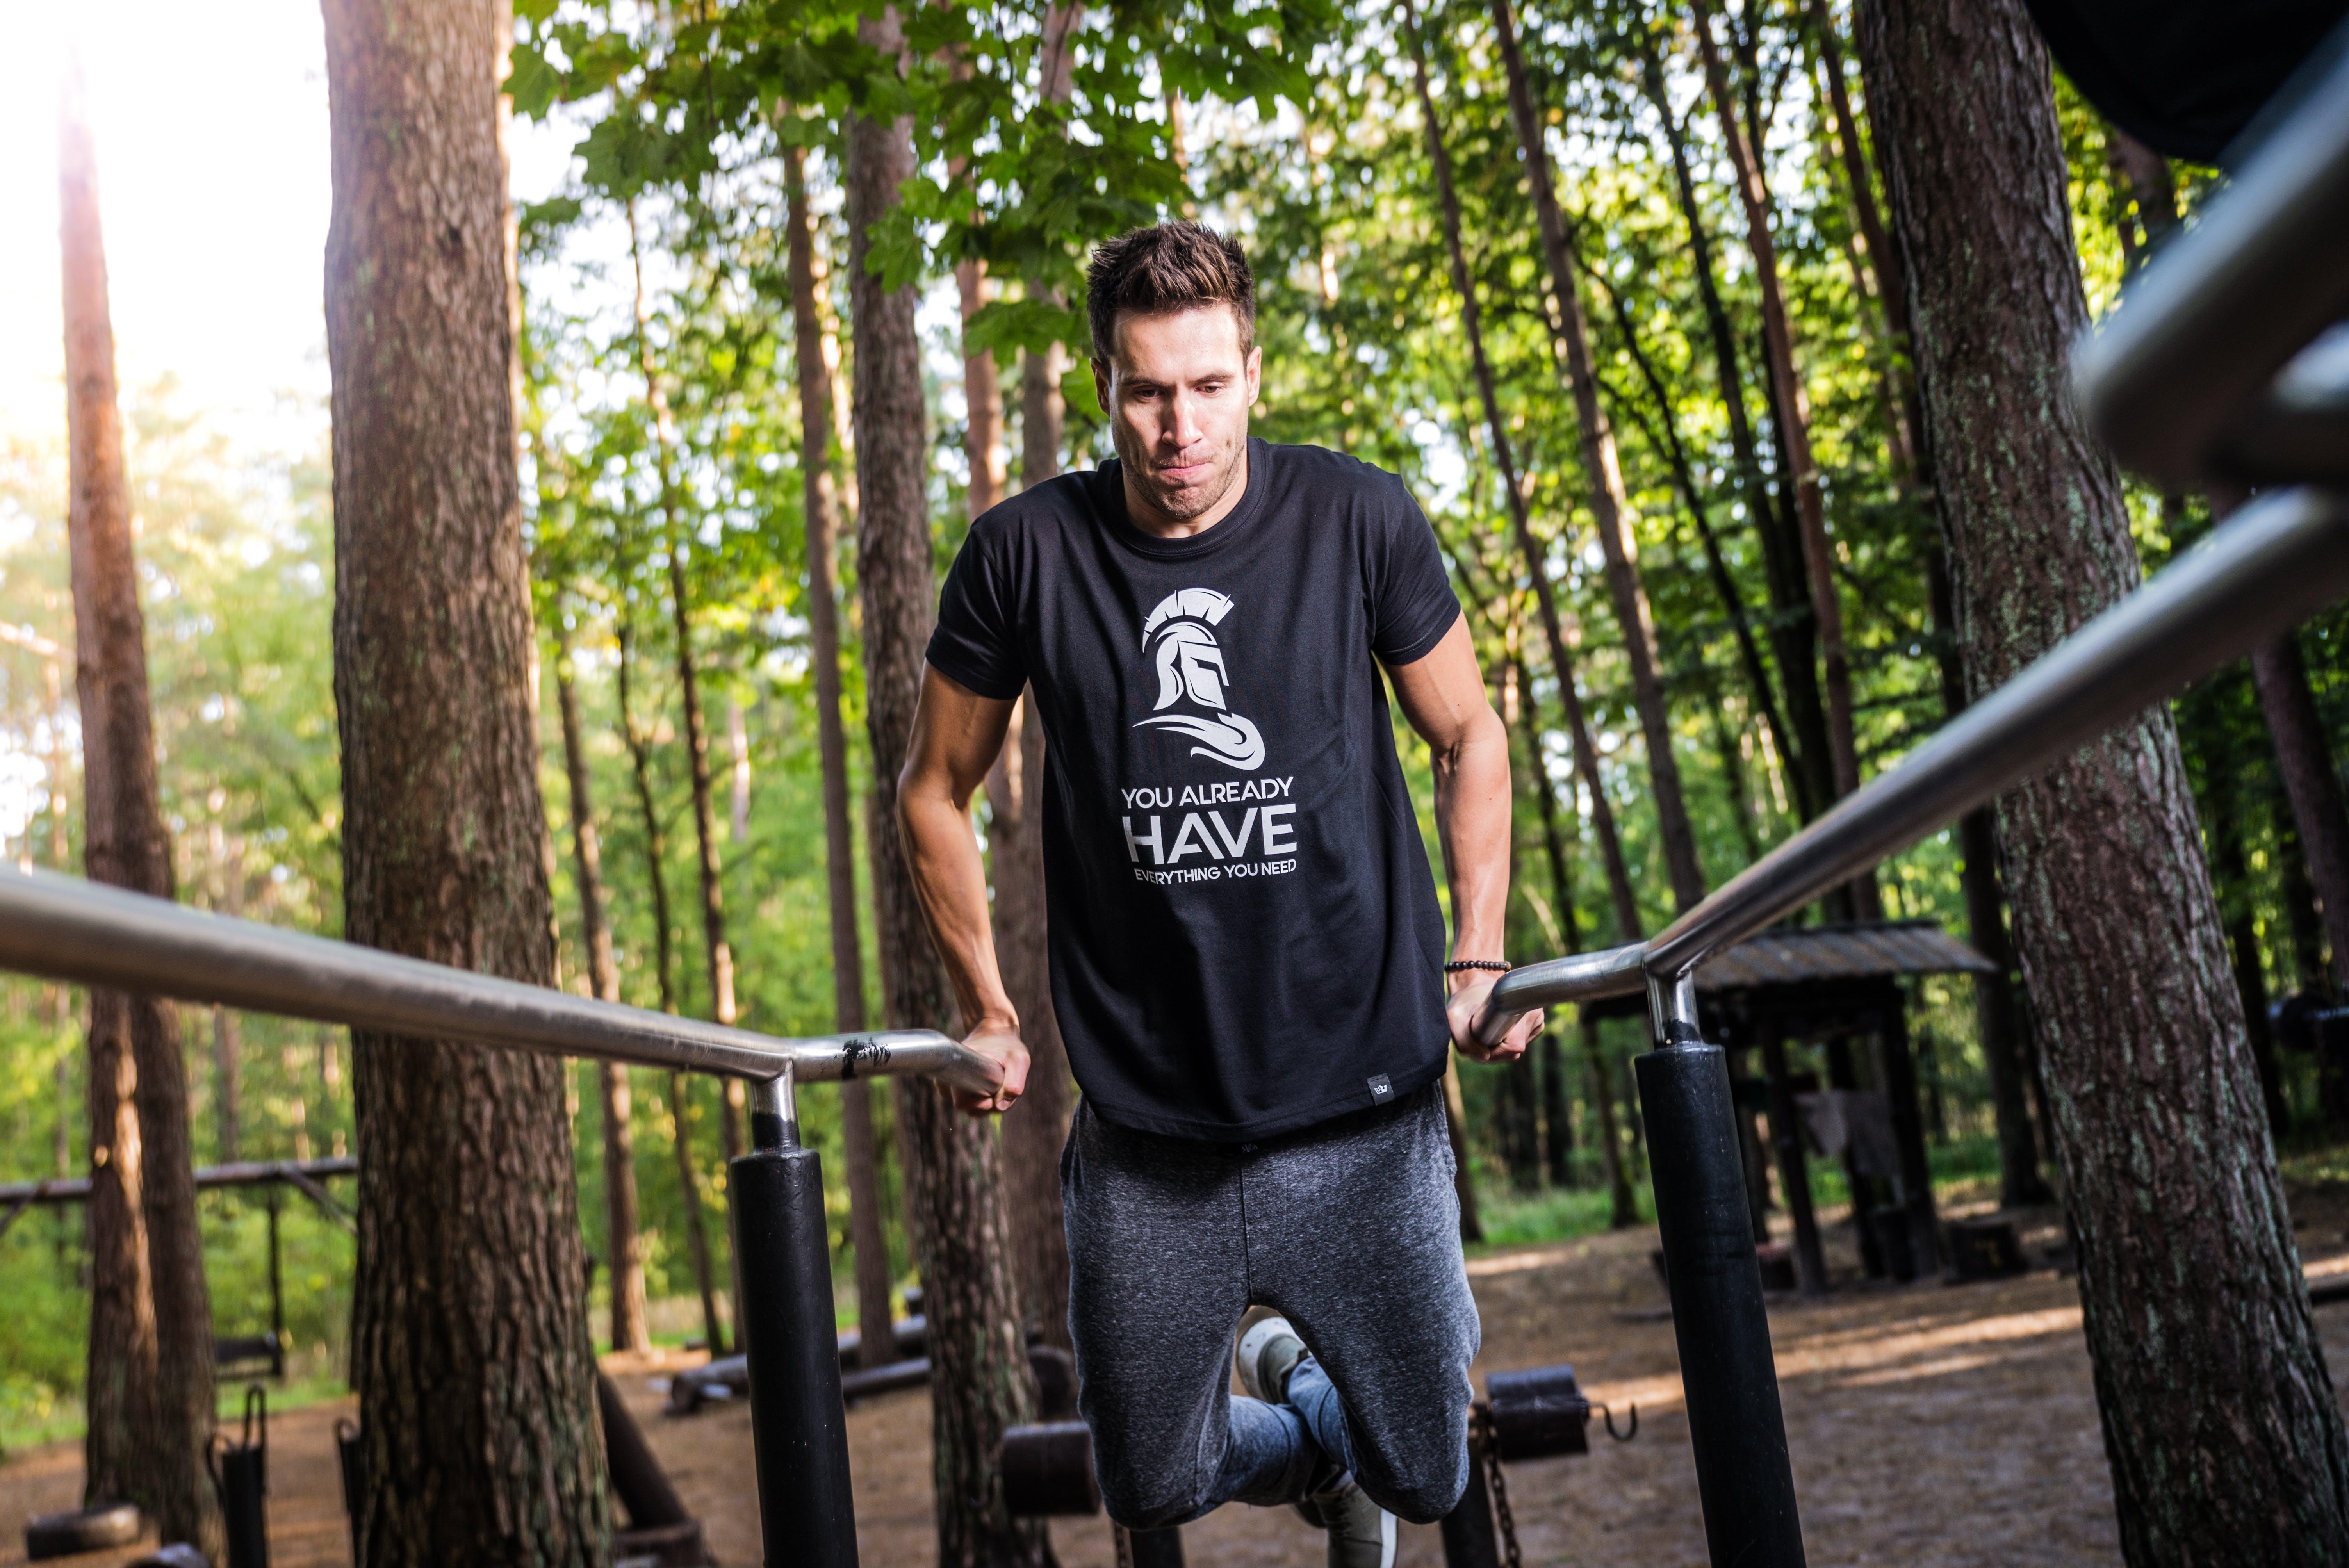 Man In Black T-shirt Doing Exercise